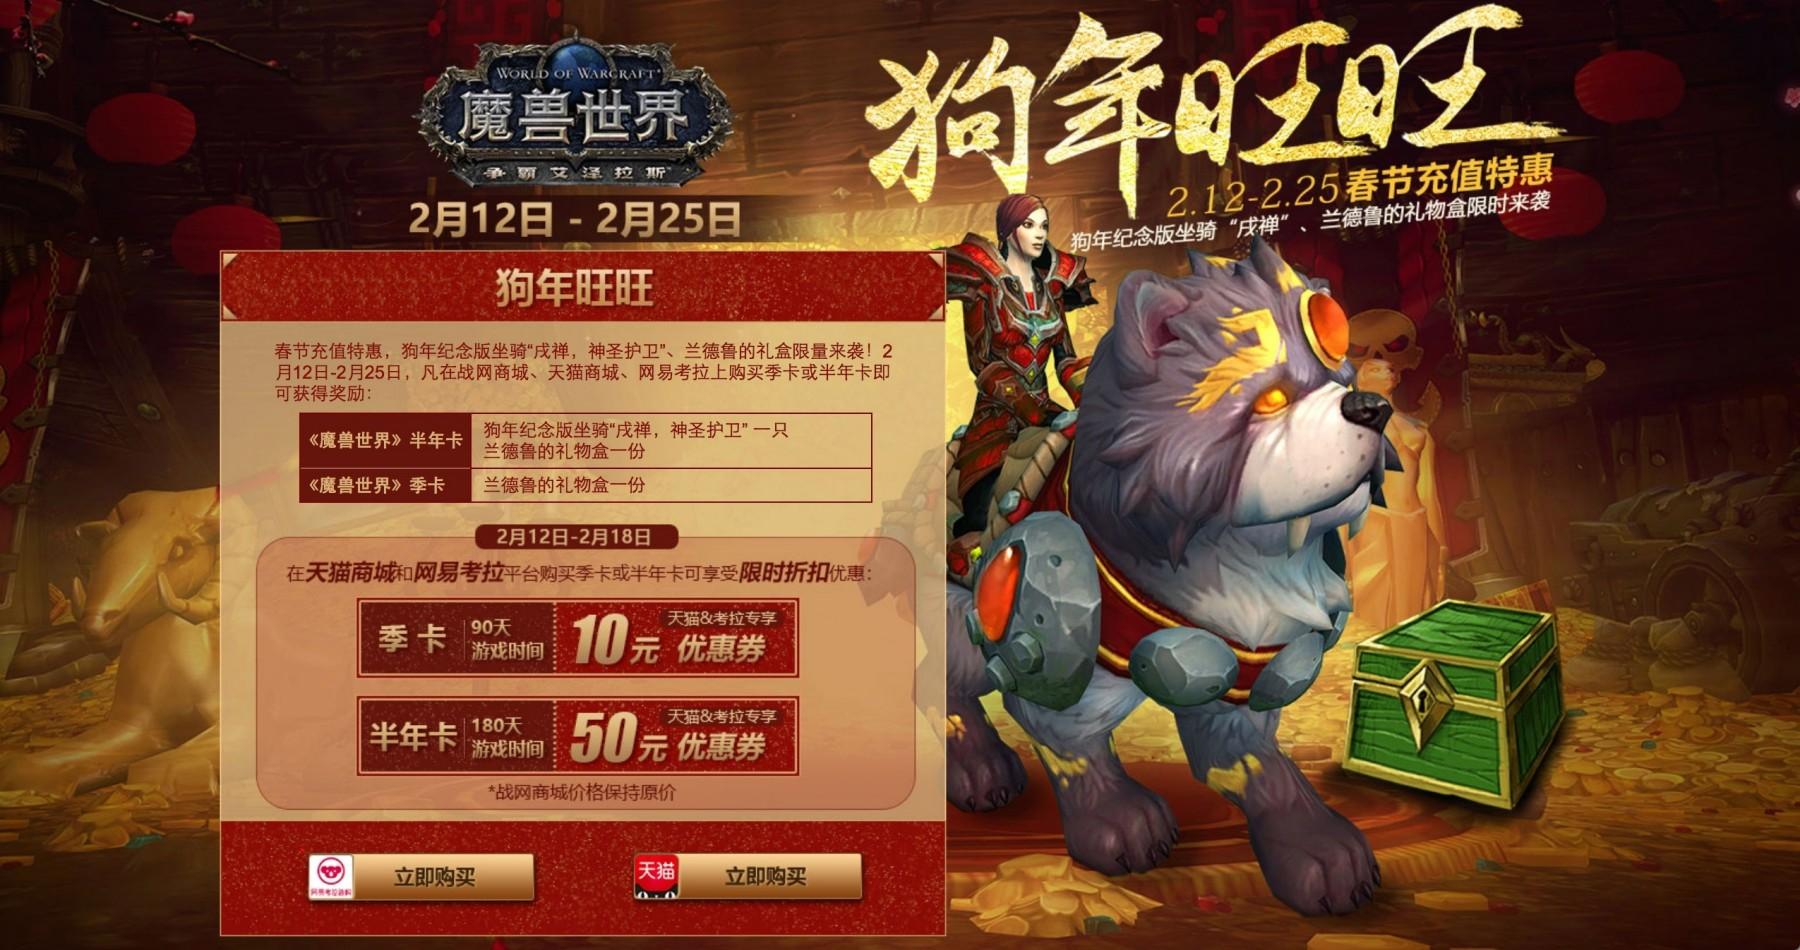 Une offre promotionnelle en Asie à l'occasion du nouvel an chinois